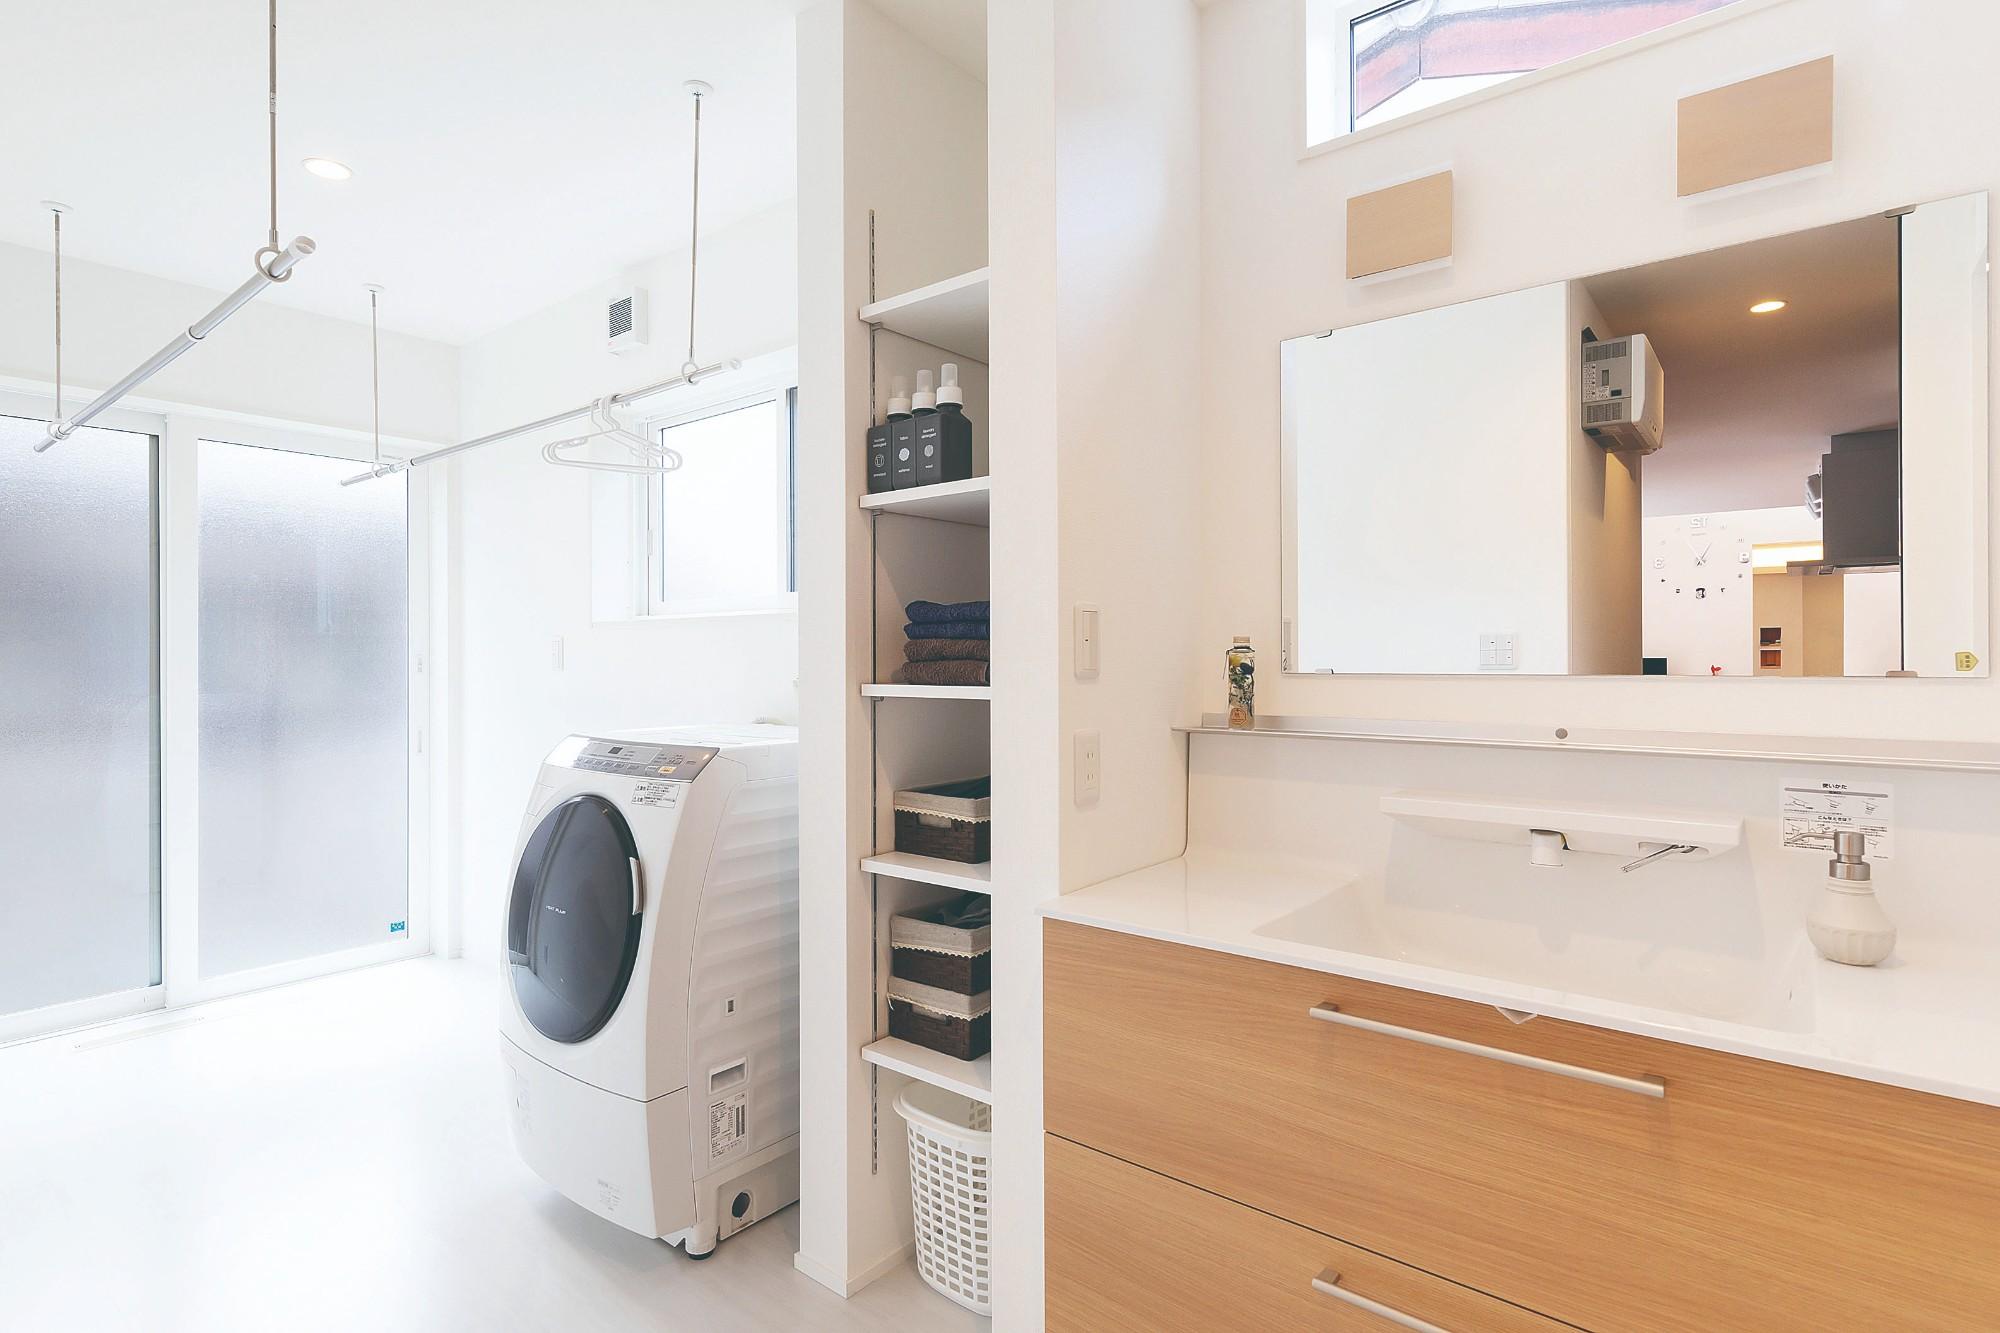 サンルームを併設したゆとりある広さの洗面脱衣室。